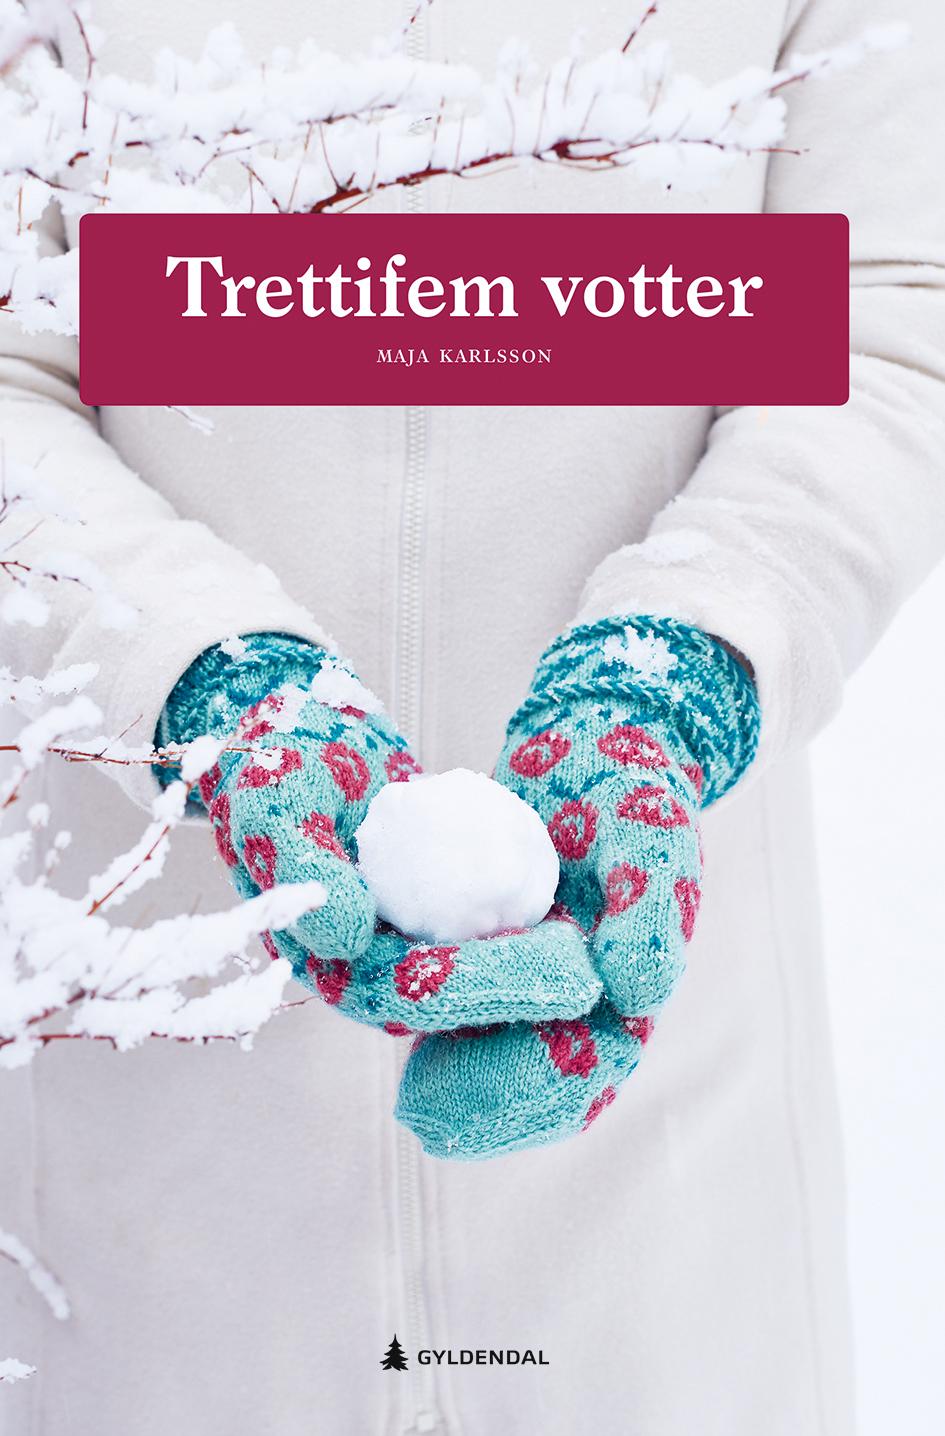 Trettifem-votter_Fotokreditering-Gyldendal.jpg